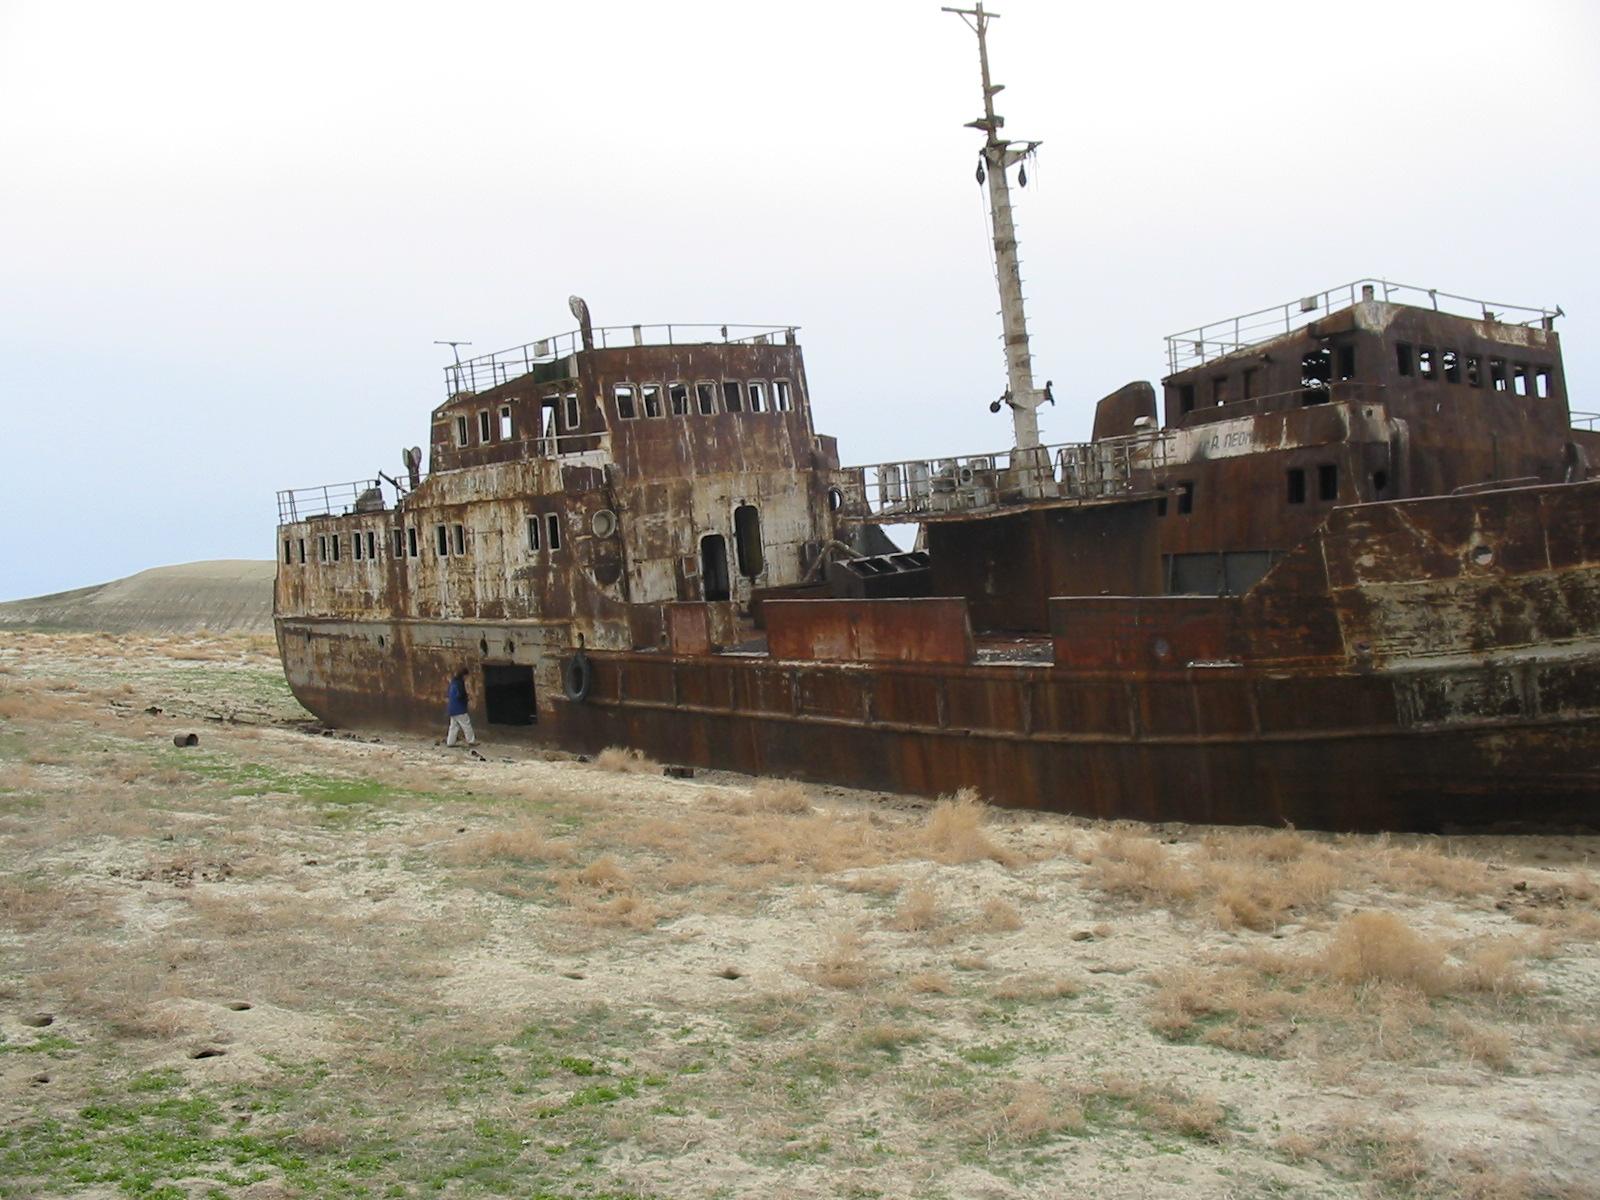 barco02 - El Mar de Aral, como el cultivo del algodón acabó con un gran lago